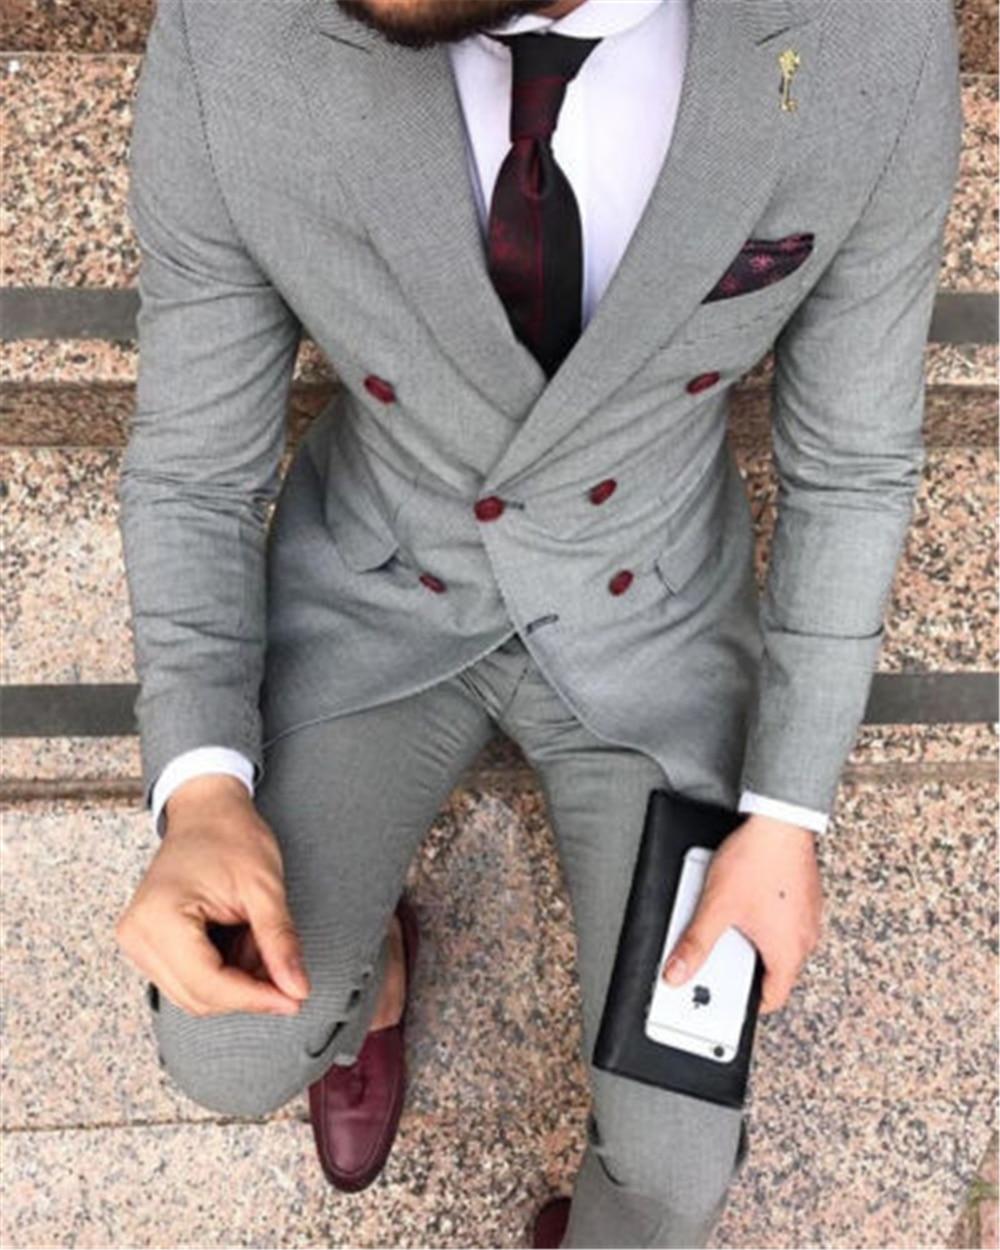 2021 مخصص رمادي رفقاء العريس البدلات الرسمية مزدوجة الصدر الرجال الدعاوى الزفاف أفضل رجل سترة السراويل 2 قطعة زي أوم